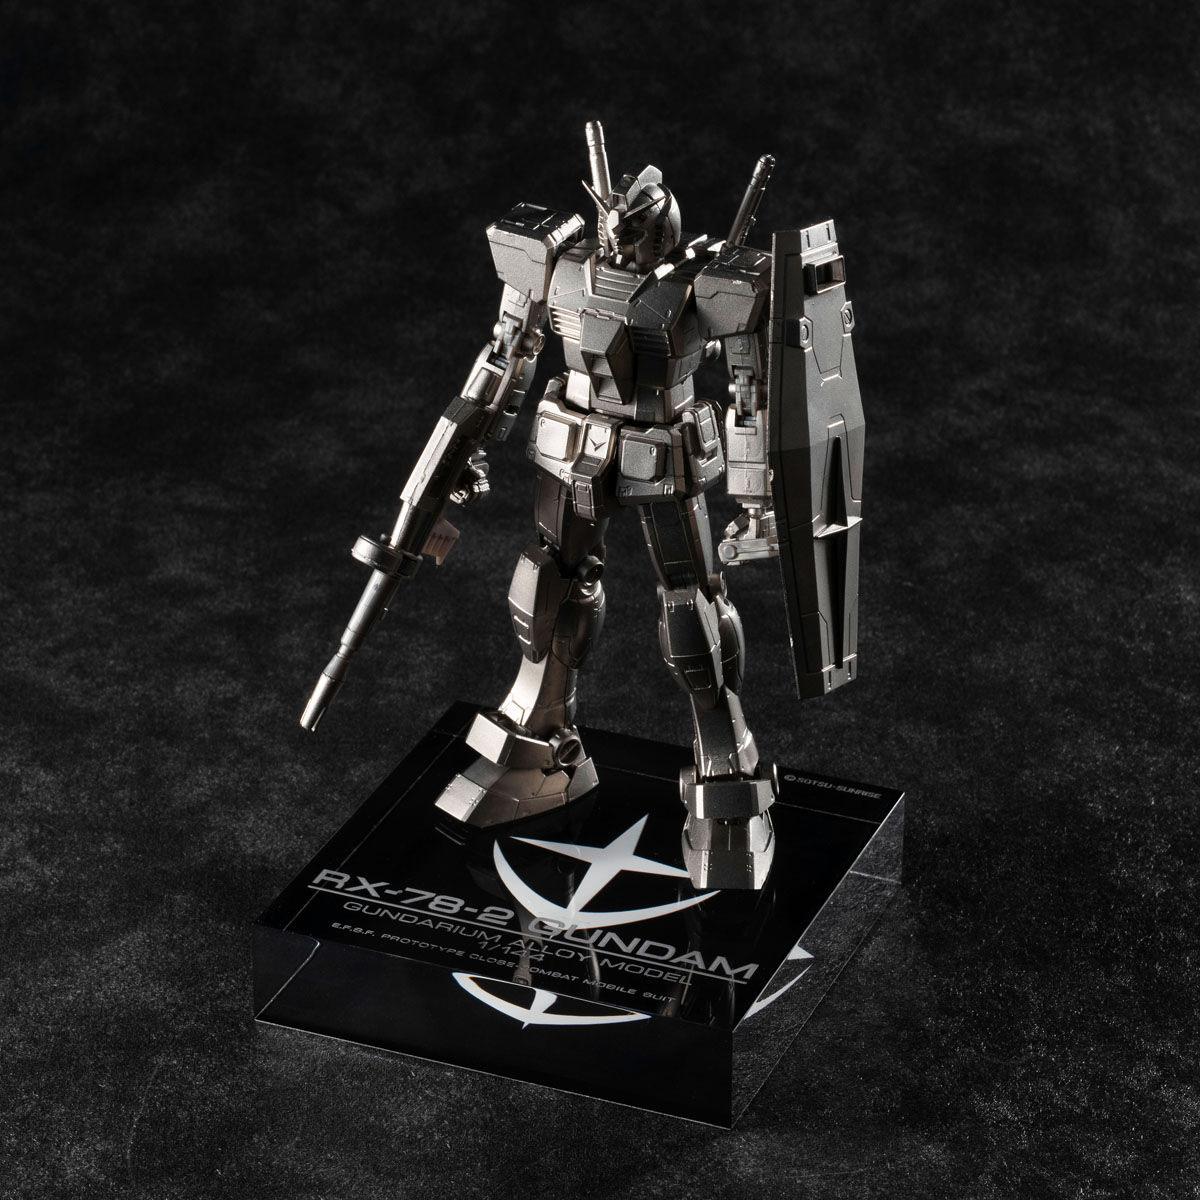 【限定販売】ガンダリウム合金モデル『RX-78-2 ガンダム』1/144 合金モデル-006